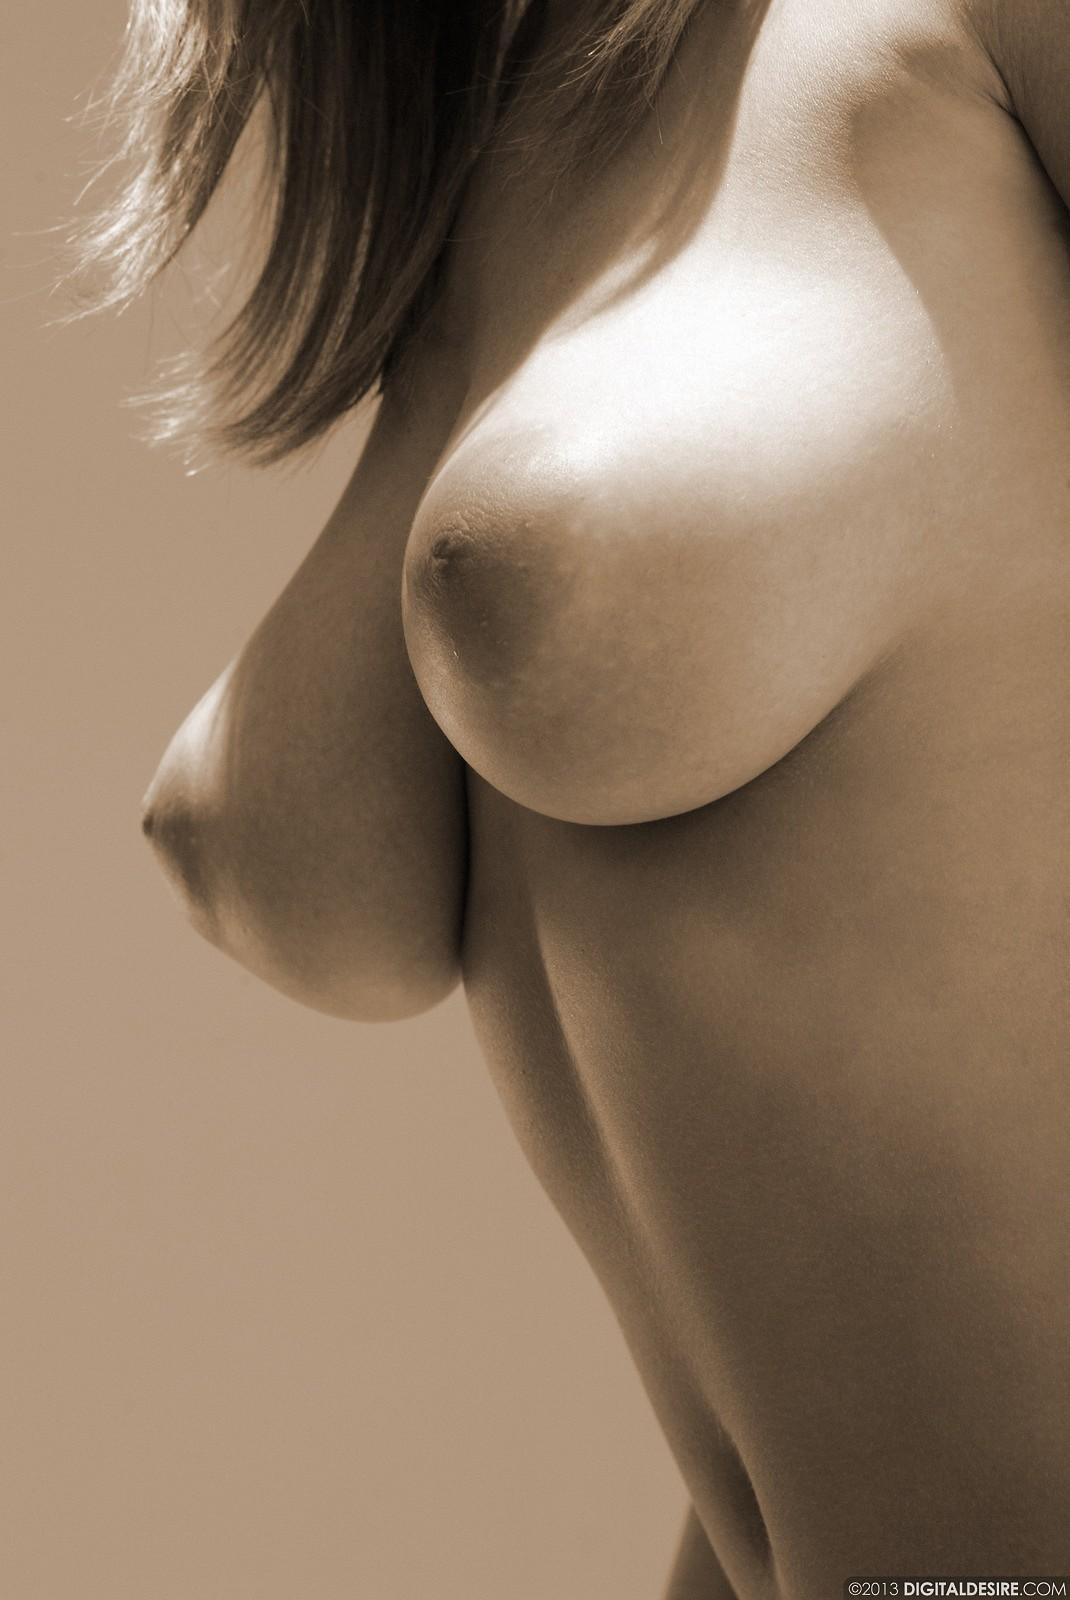 Тёмные ореолы на груди 25 фотография